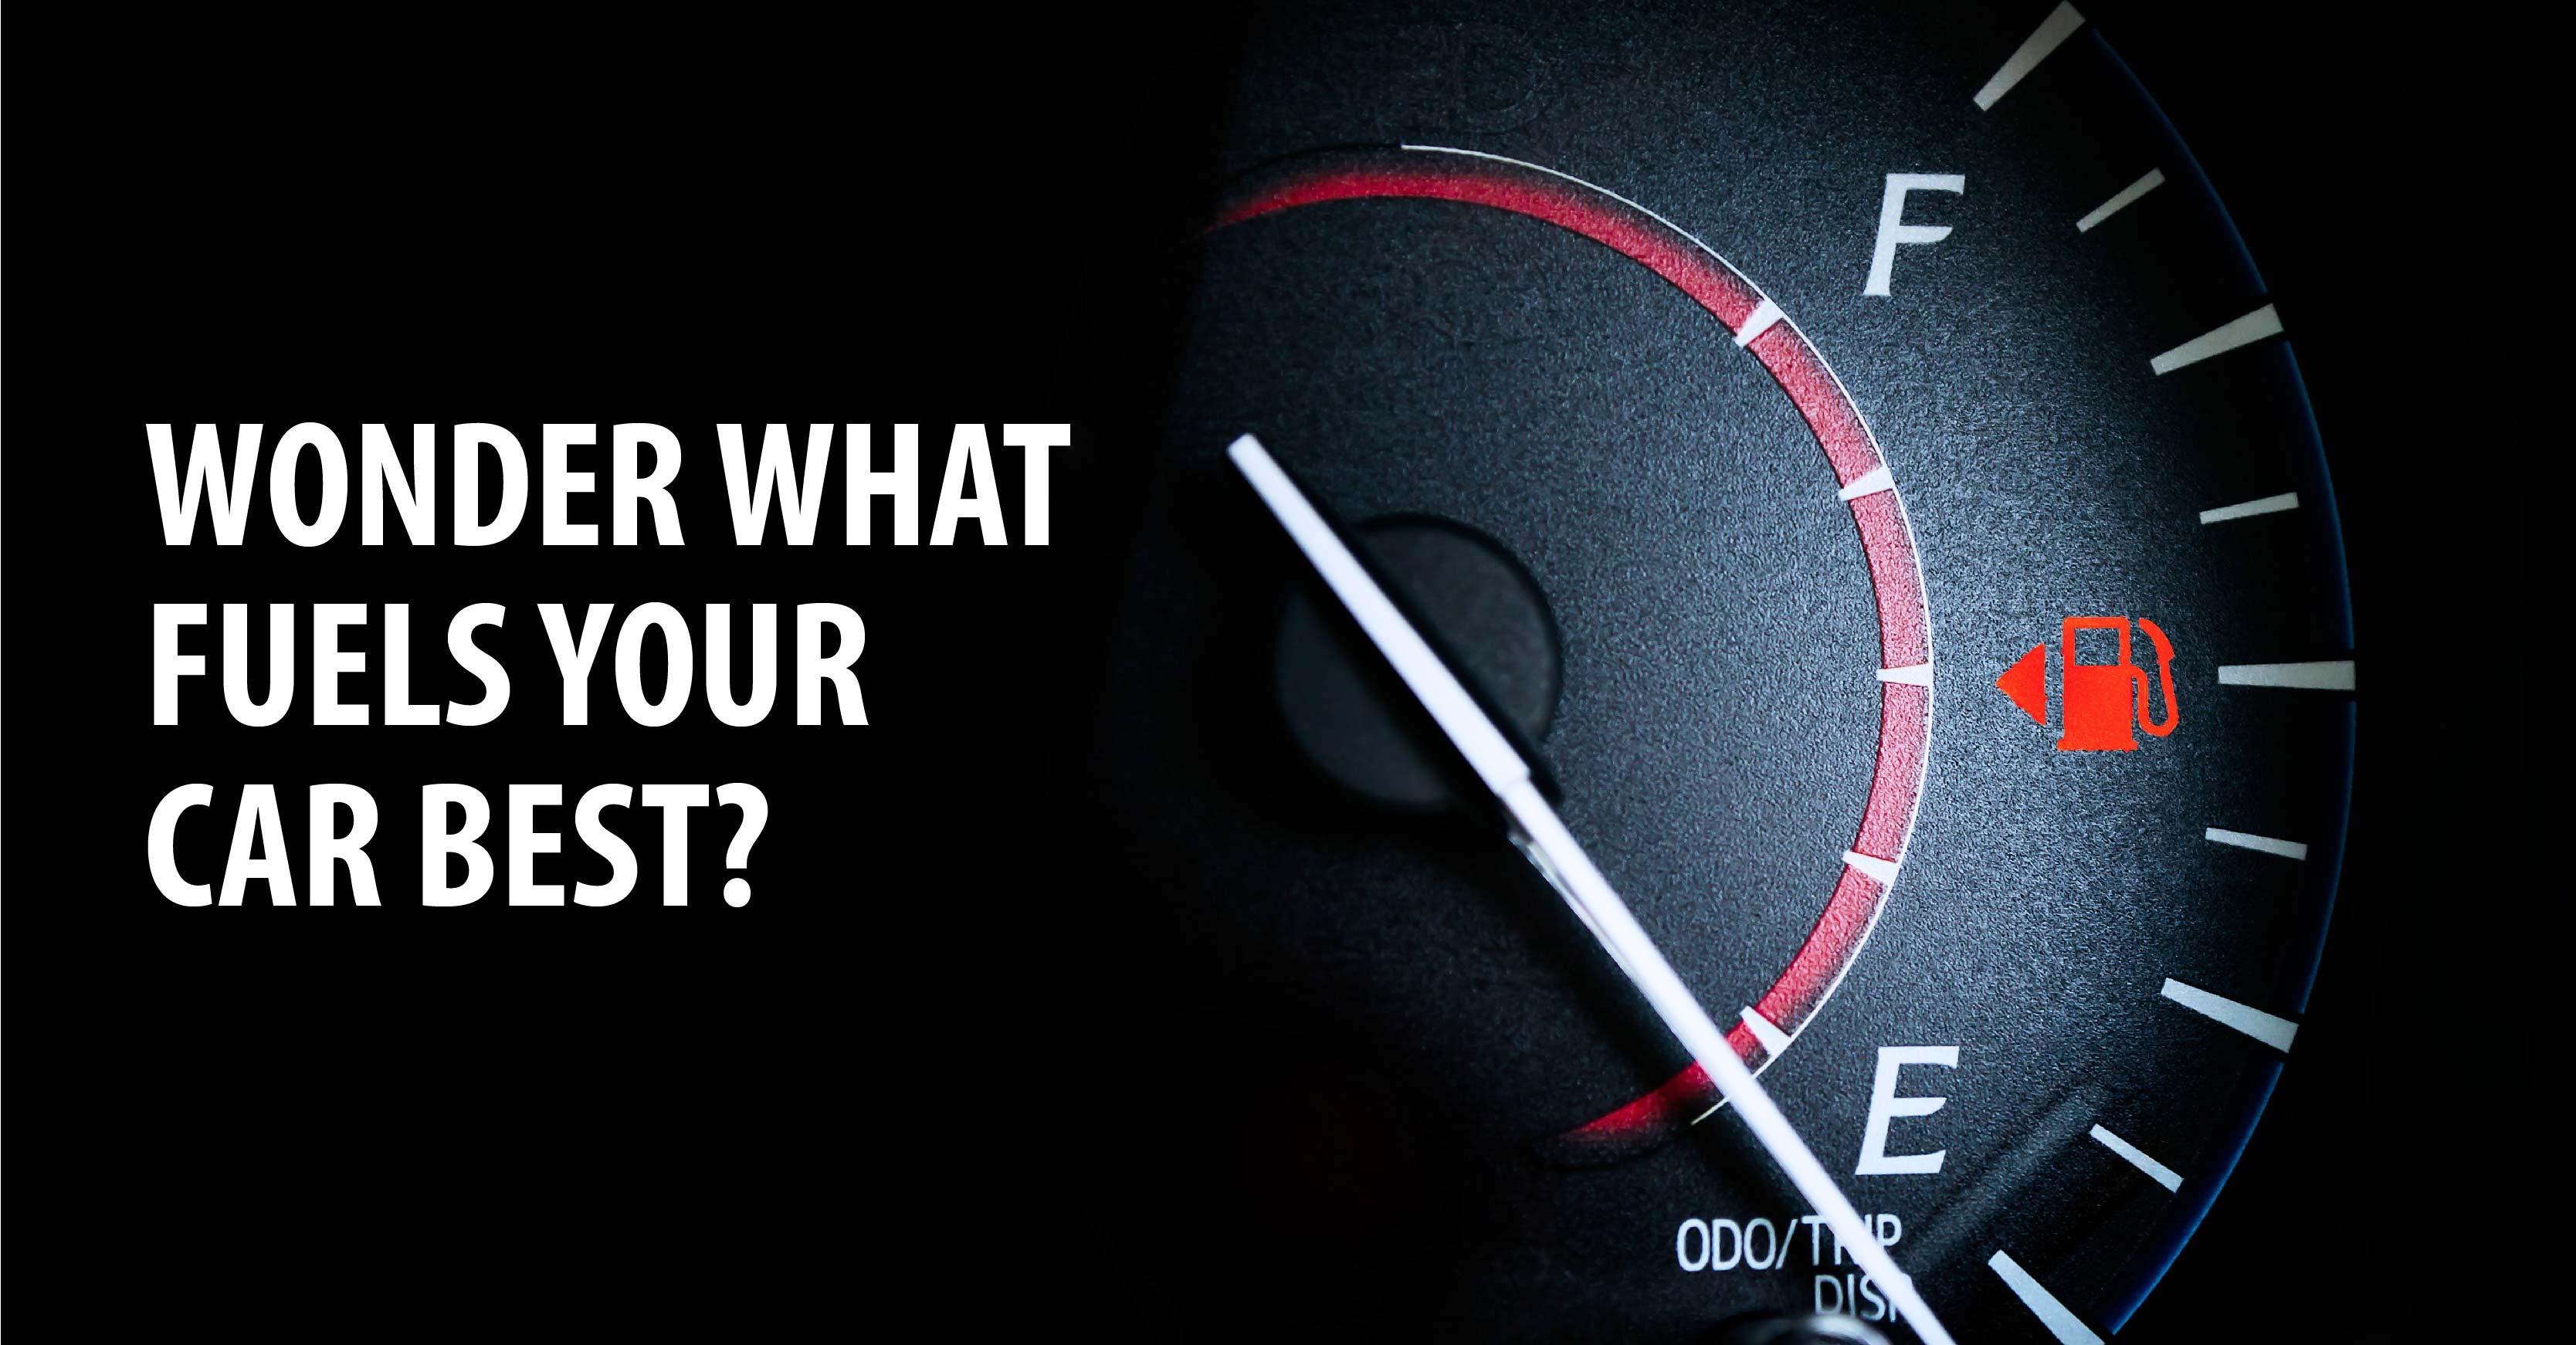 WONDER WHAT FUELS YOUR CAR BEST?